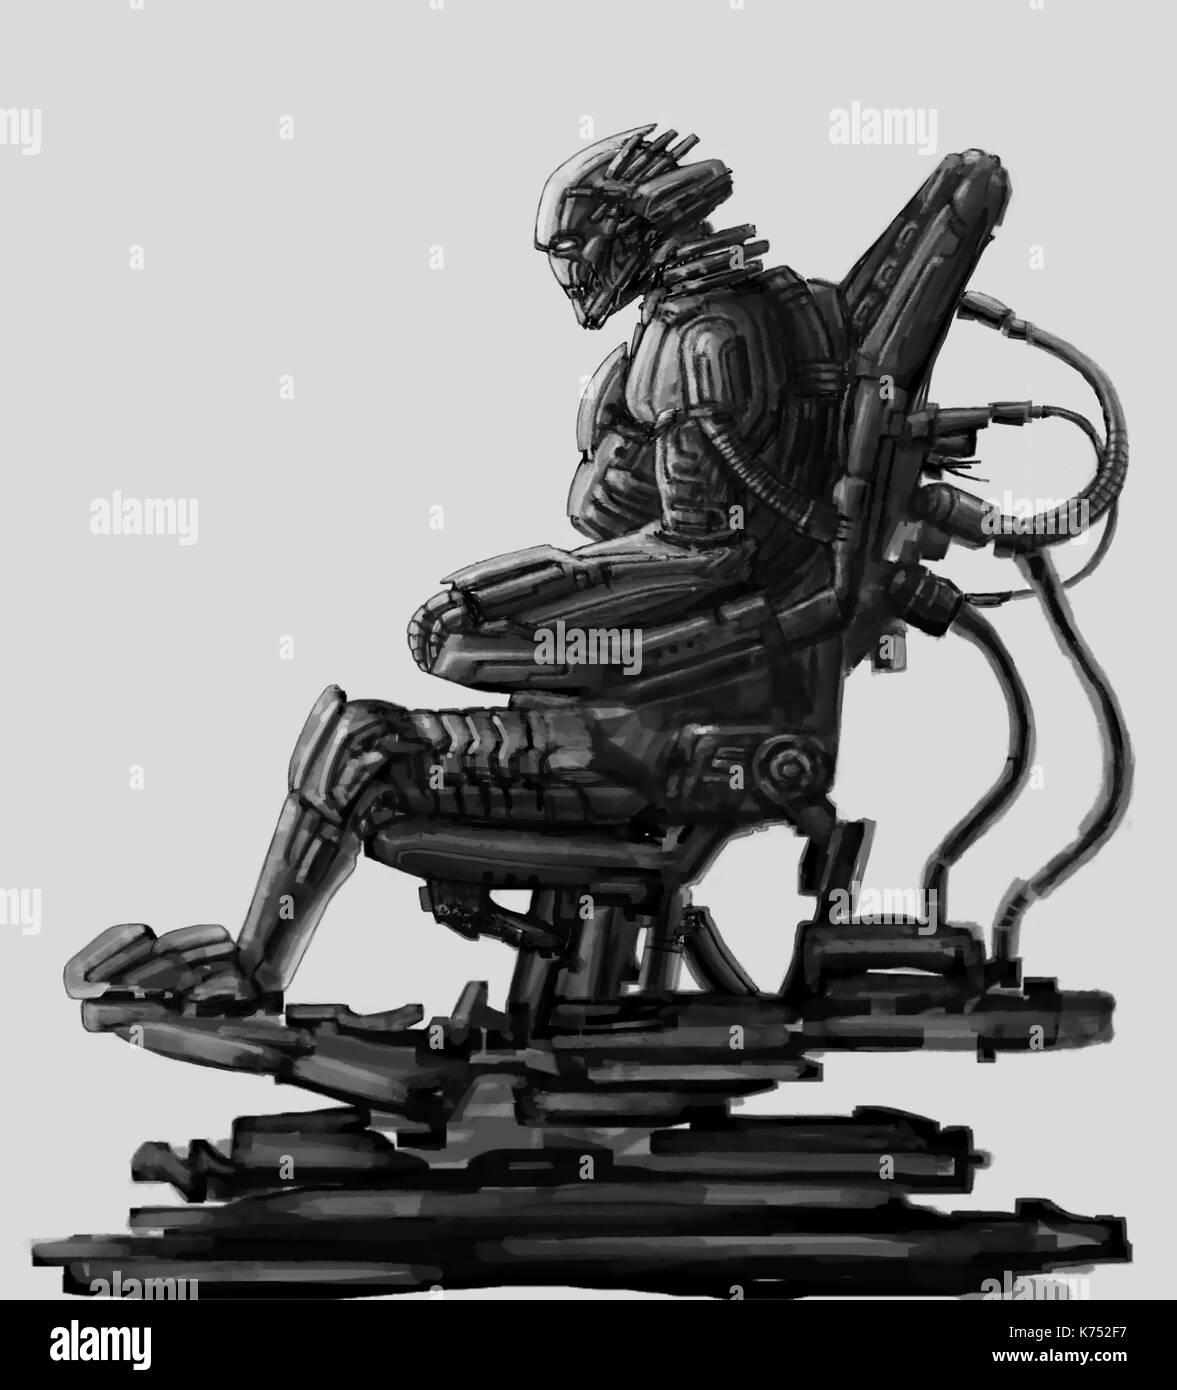 Dark Lord sitzt im Anzug auf seinem Thron. science fiction Illustration. ursprünglichen Charakter der alien Astronaut im Weltraum Body Armour. Freehand digital Stockbild